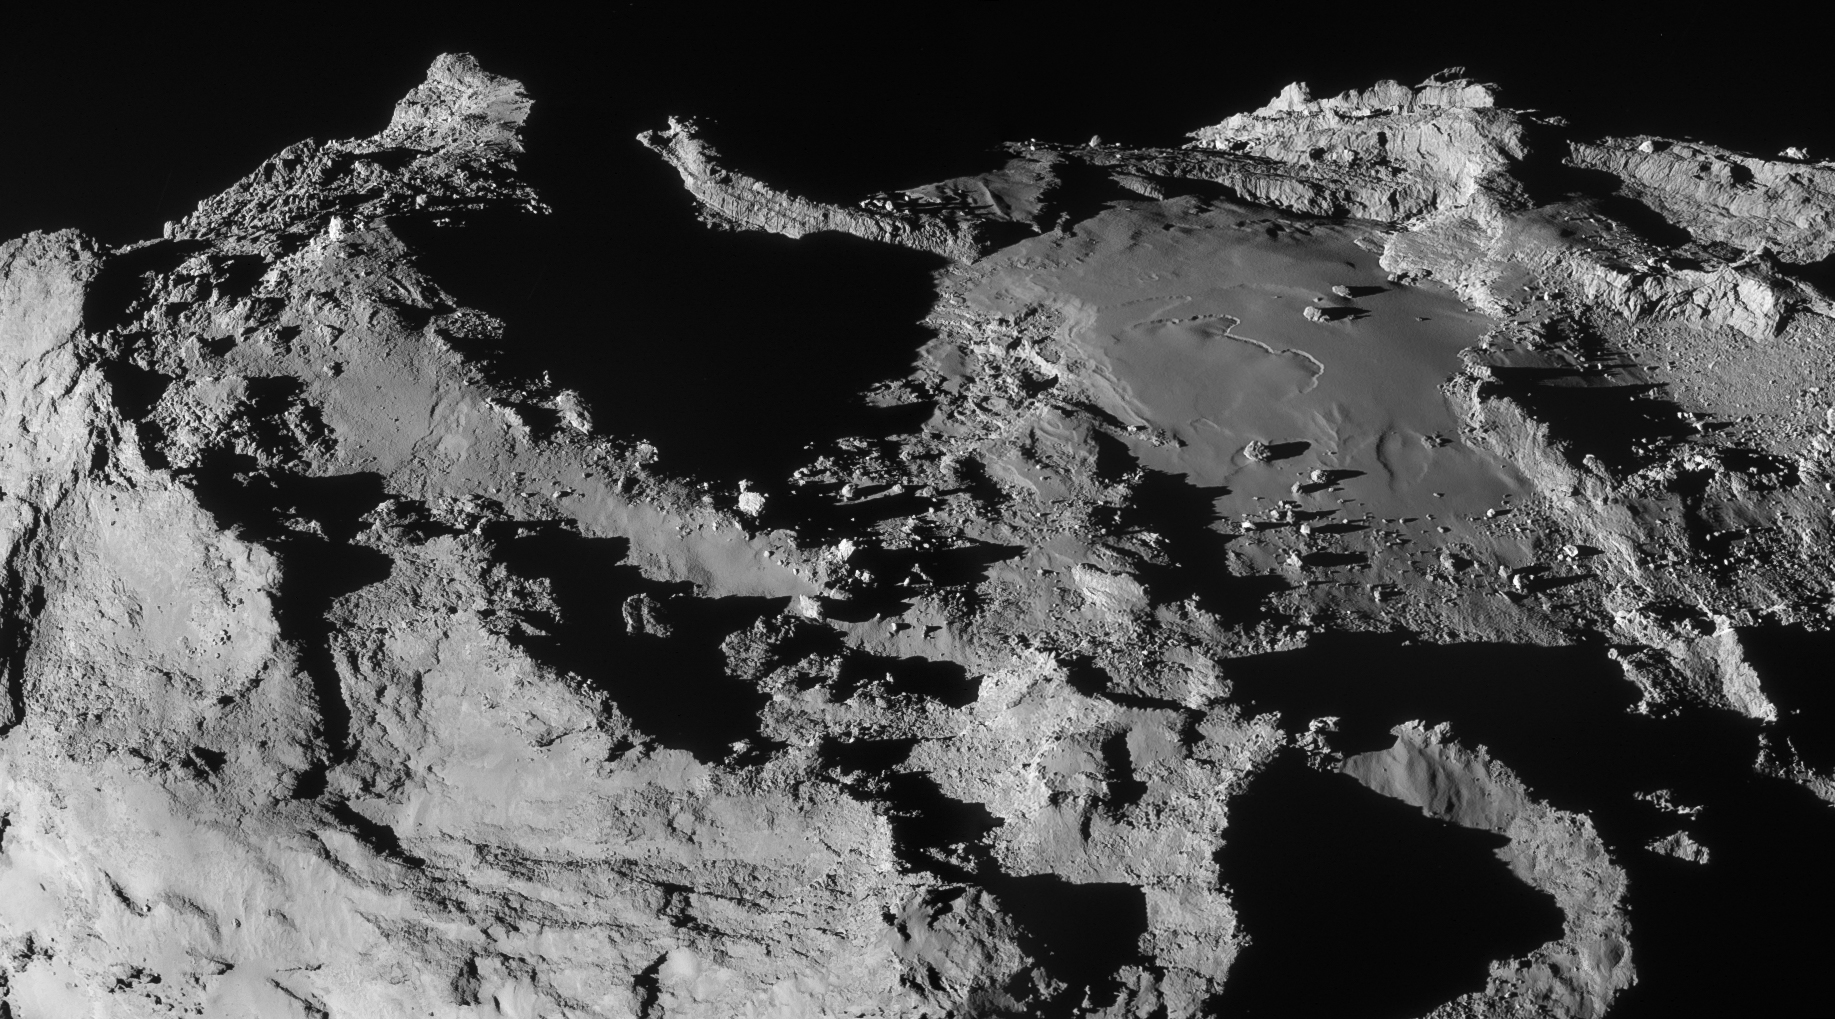 Kometen 67Ps overflate sett i bare 14 kilometers høyde av Rosetta den 28. mars 2015. Foto: ESA/Rosetta/NAVCAM – CC BY-SA IGO 3.0